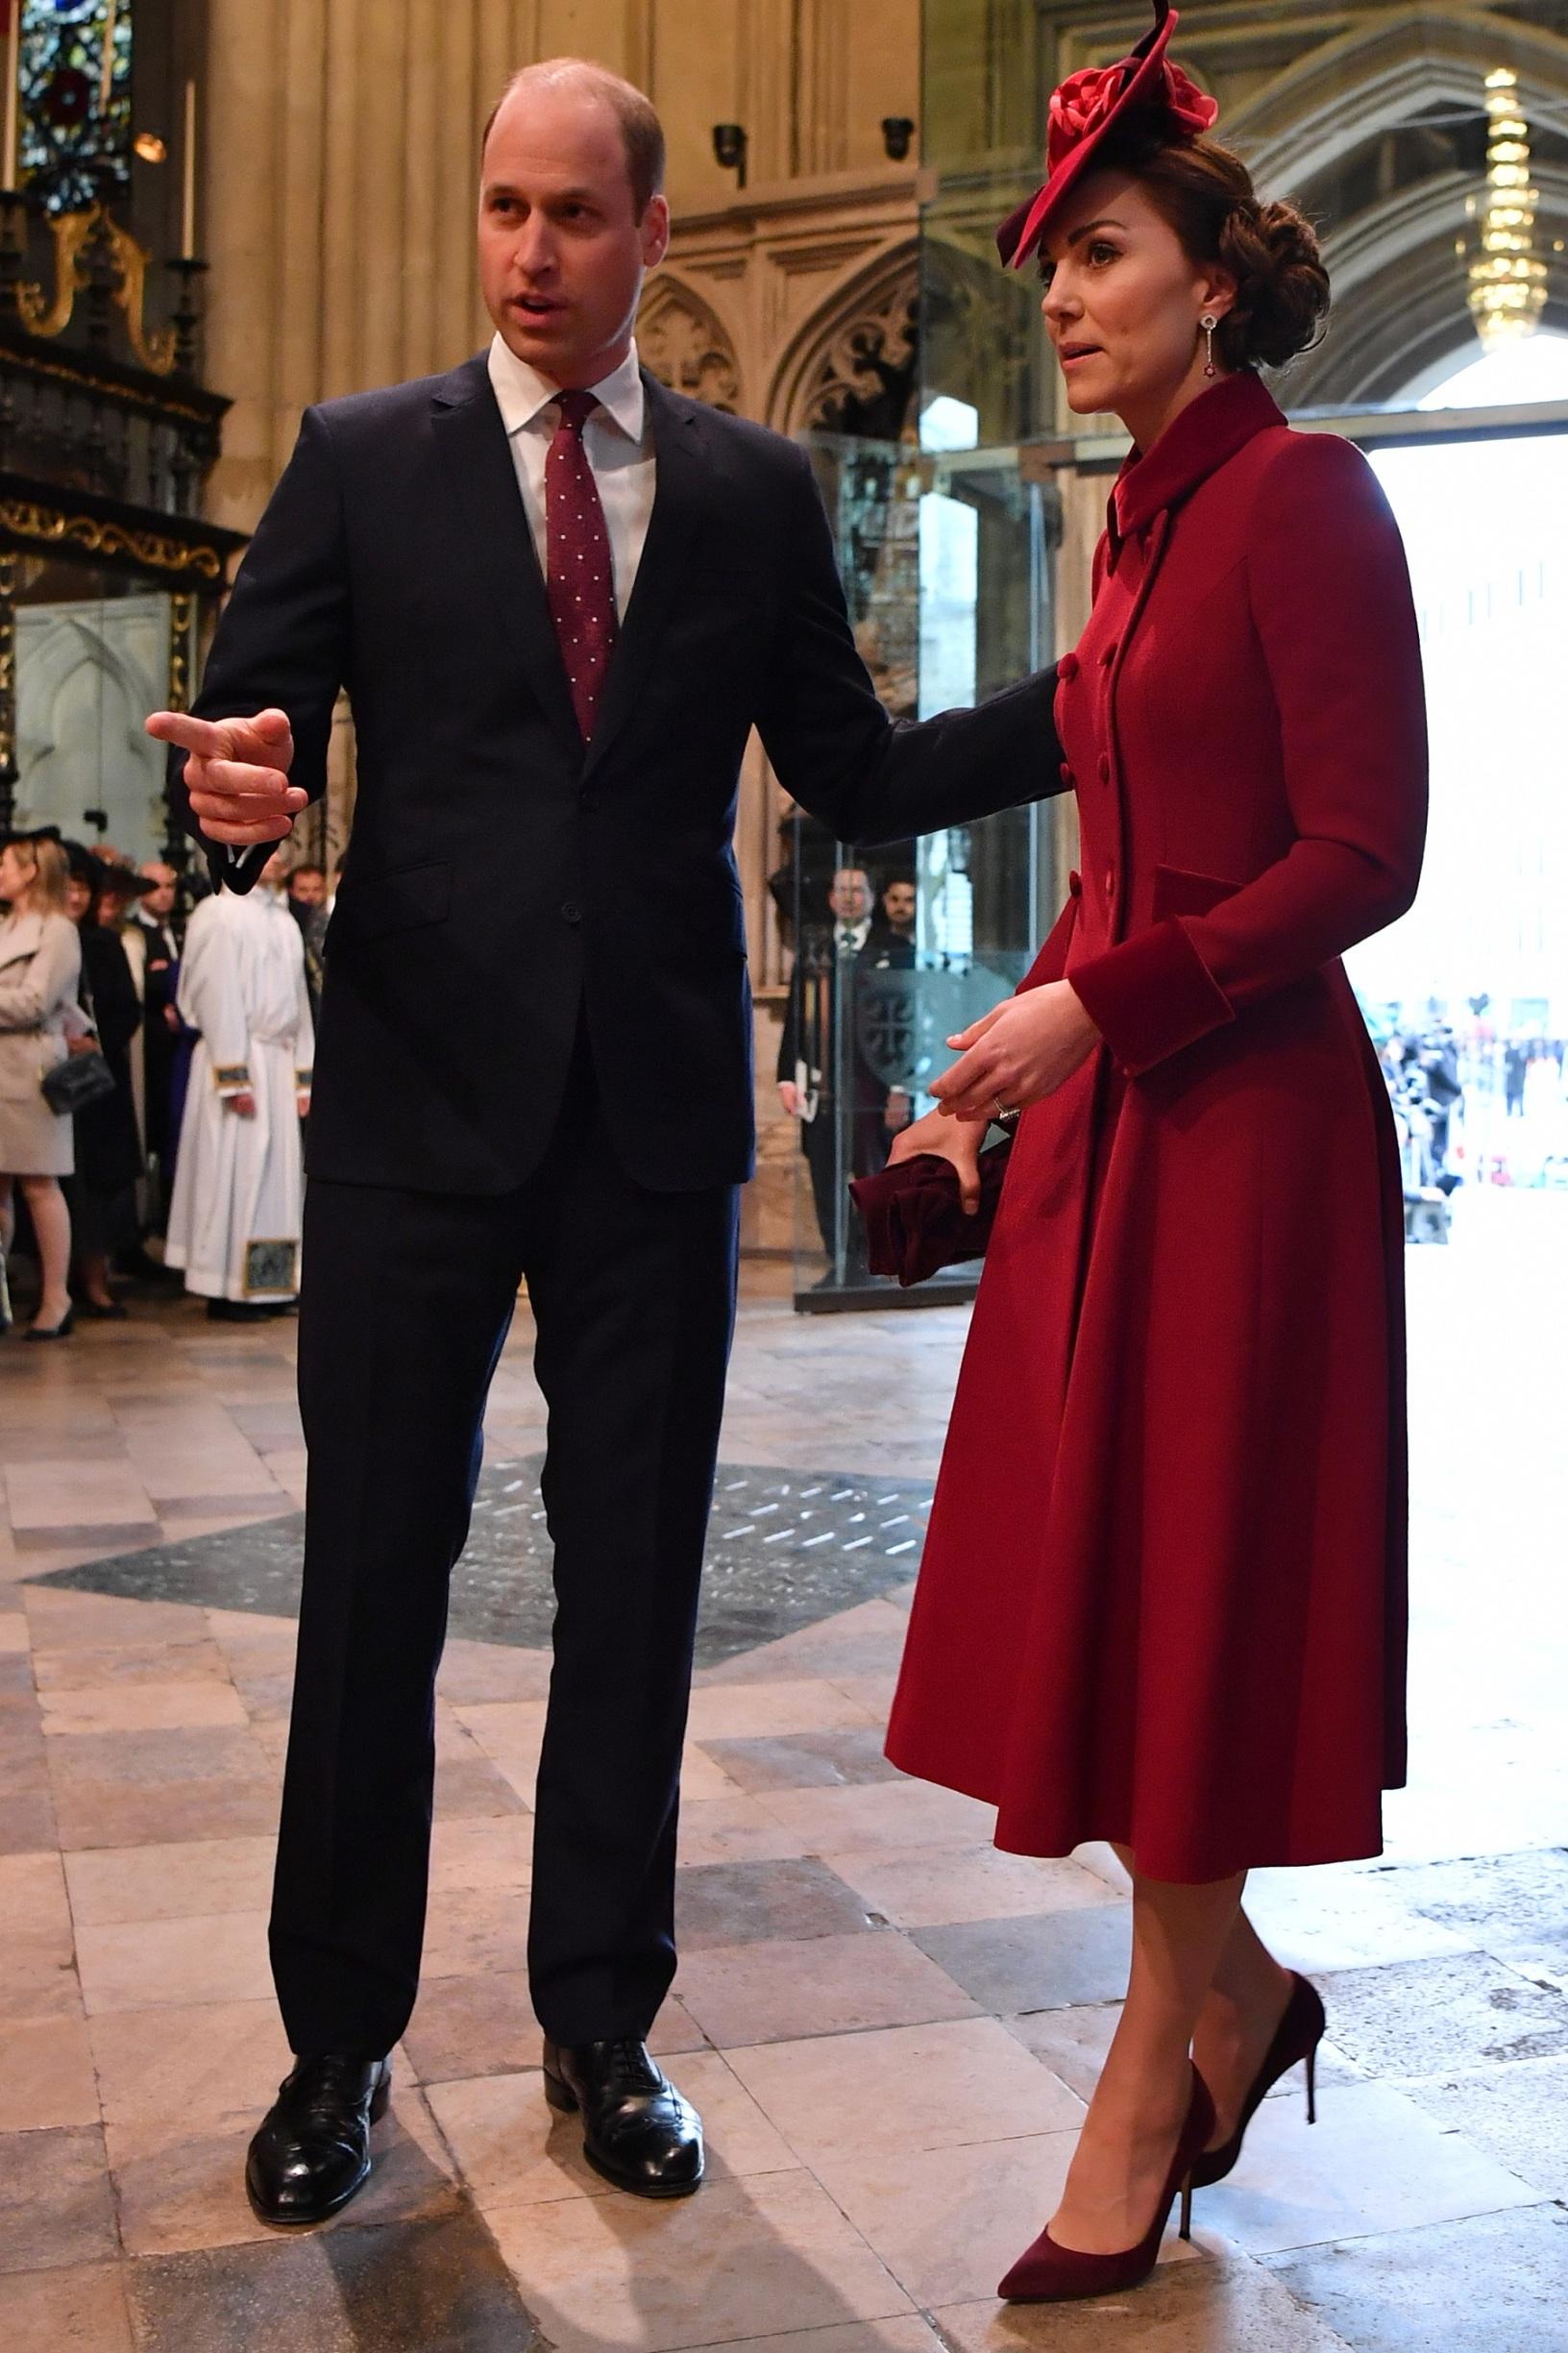 Princ William i Kate Middleton stižu na misu u Westminstersku opatiju 9. ožujka 2020. godine